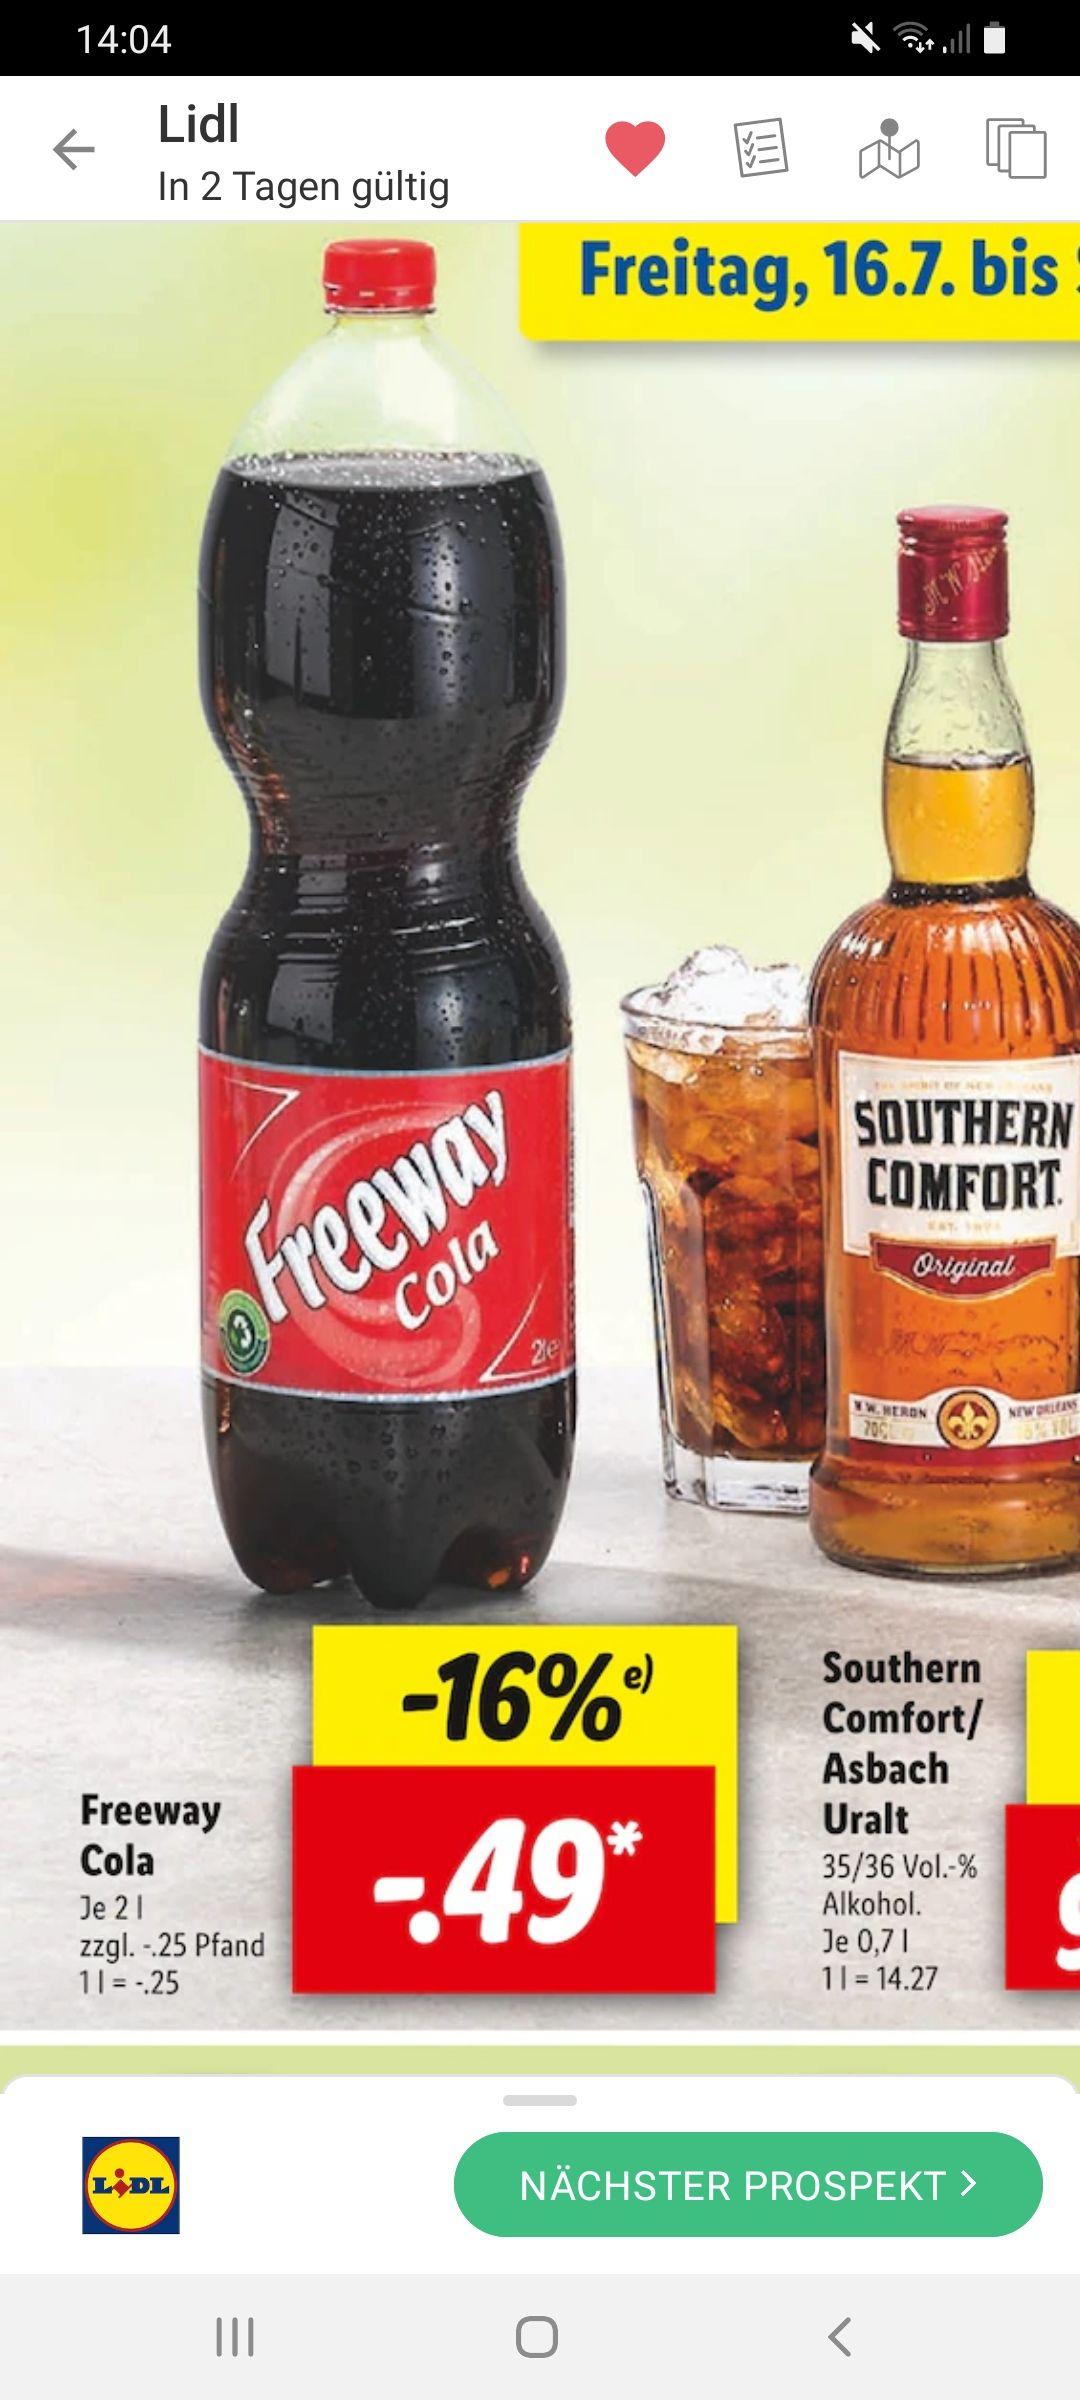 Grensdeal lidl duitsland cola cola zero 2 liters